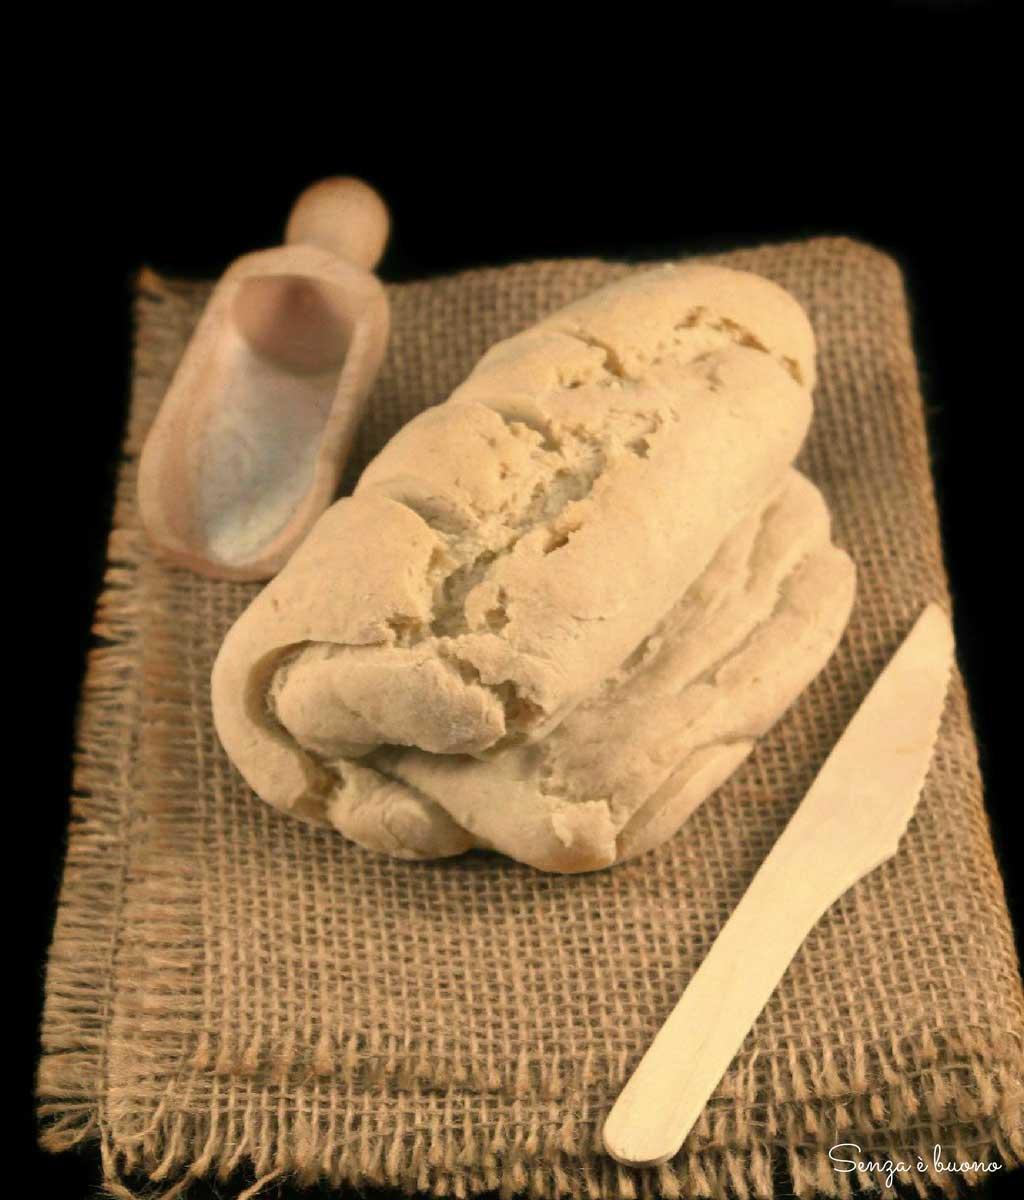 come preparare il pane senza glutine con farine naturali e lievito madre